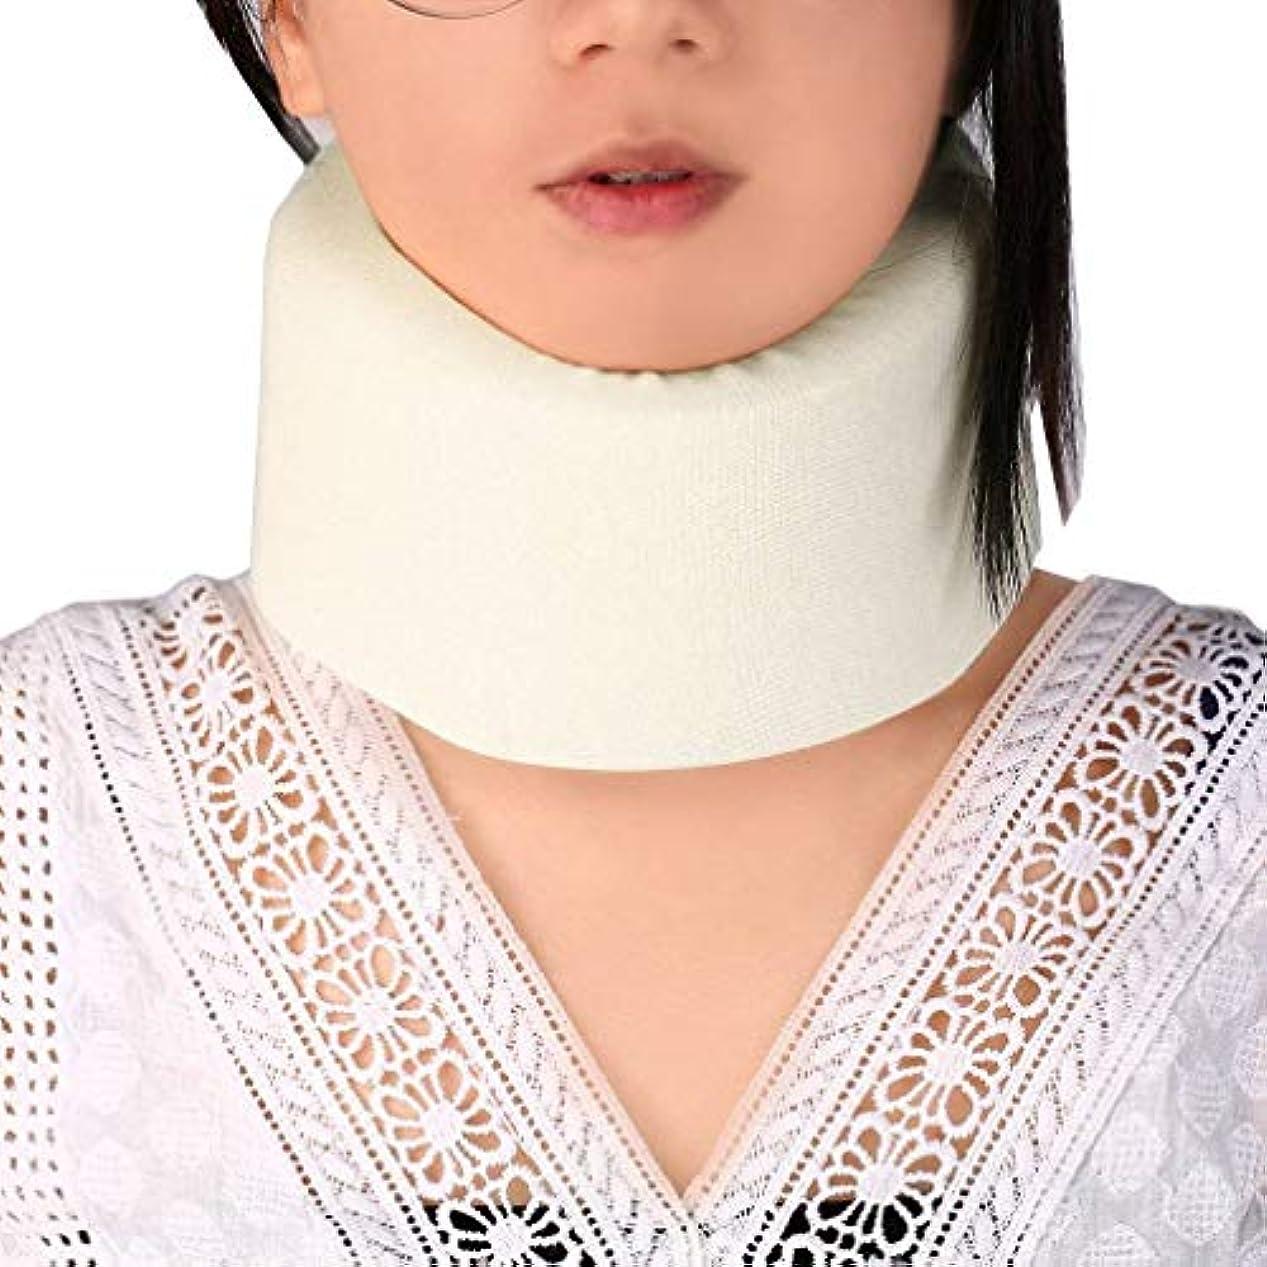 外科医卵かどうかOral Dentistry 首 サポーター ソフト 頸椎 首こり ソフト頸椎カラー 肩の痛みの軽減 着脱 簡単 男女兼用 ホワイト